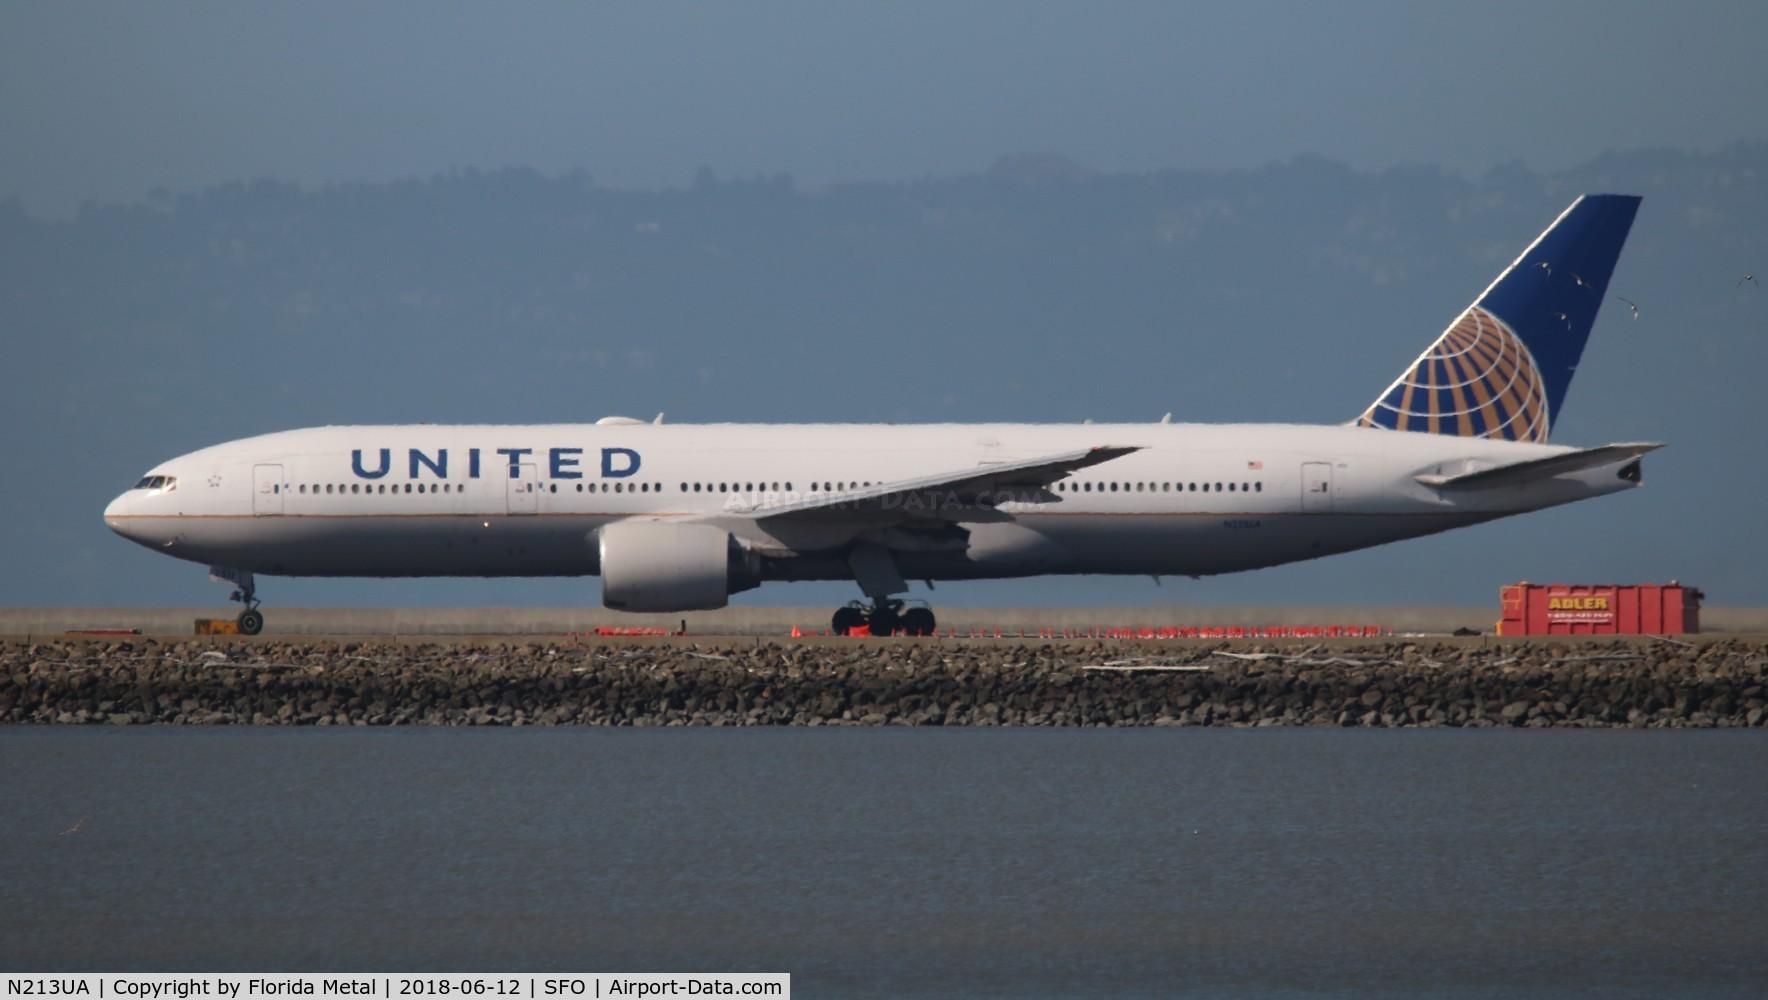 N213UA, 2000 Boeing 777-222 C/N 30219, United